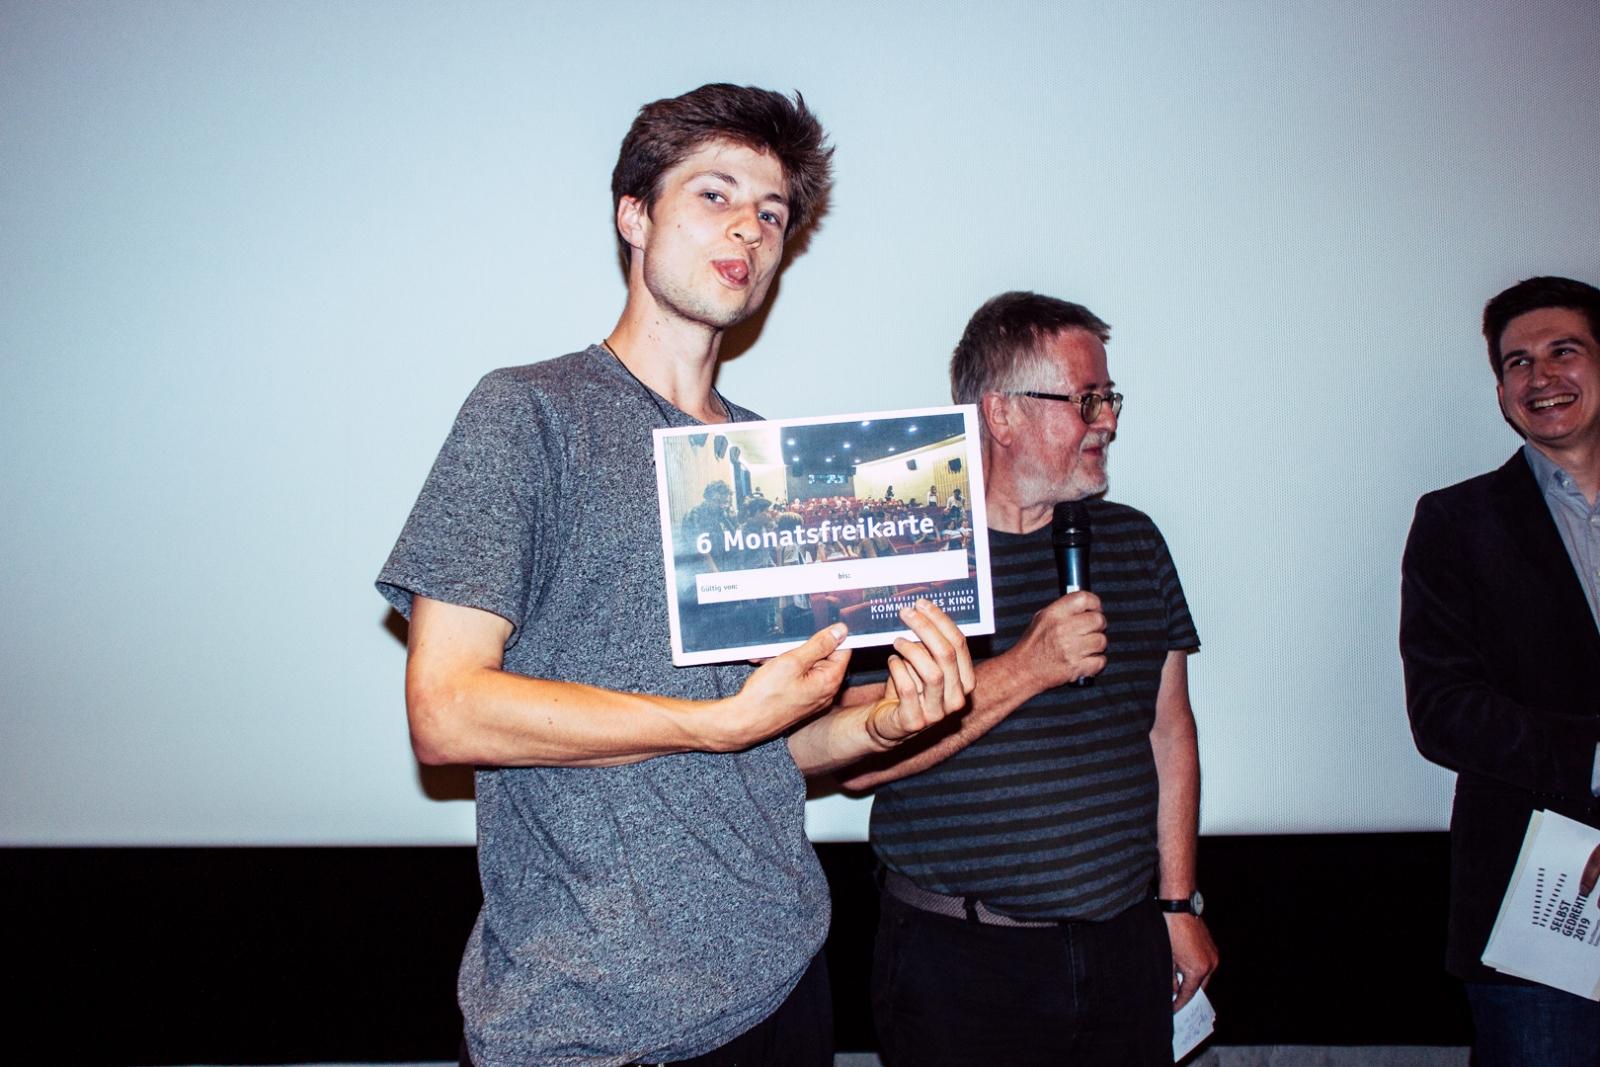 Selbstgedrehte 2019 - Kommunales Kino Pforzheim